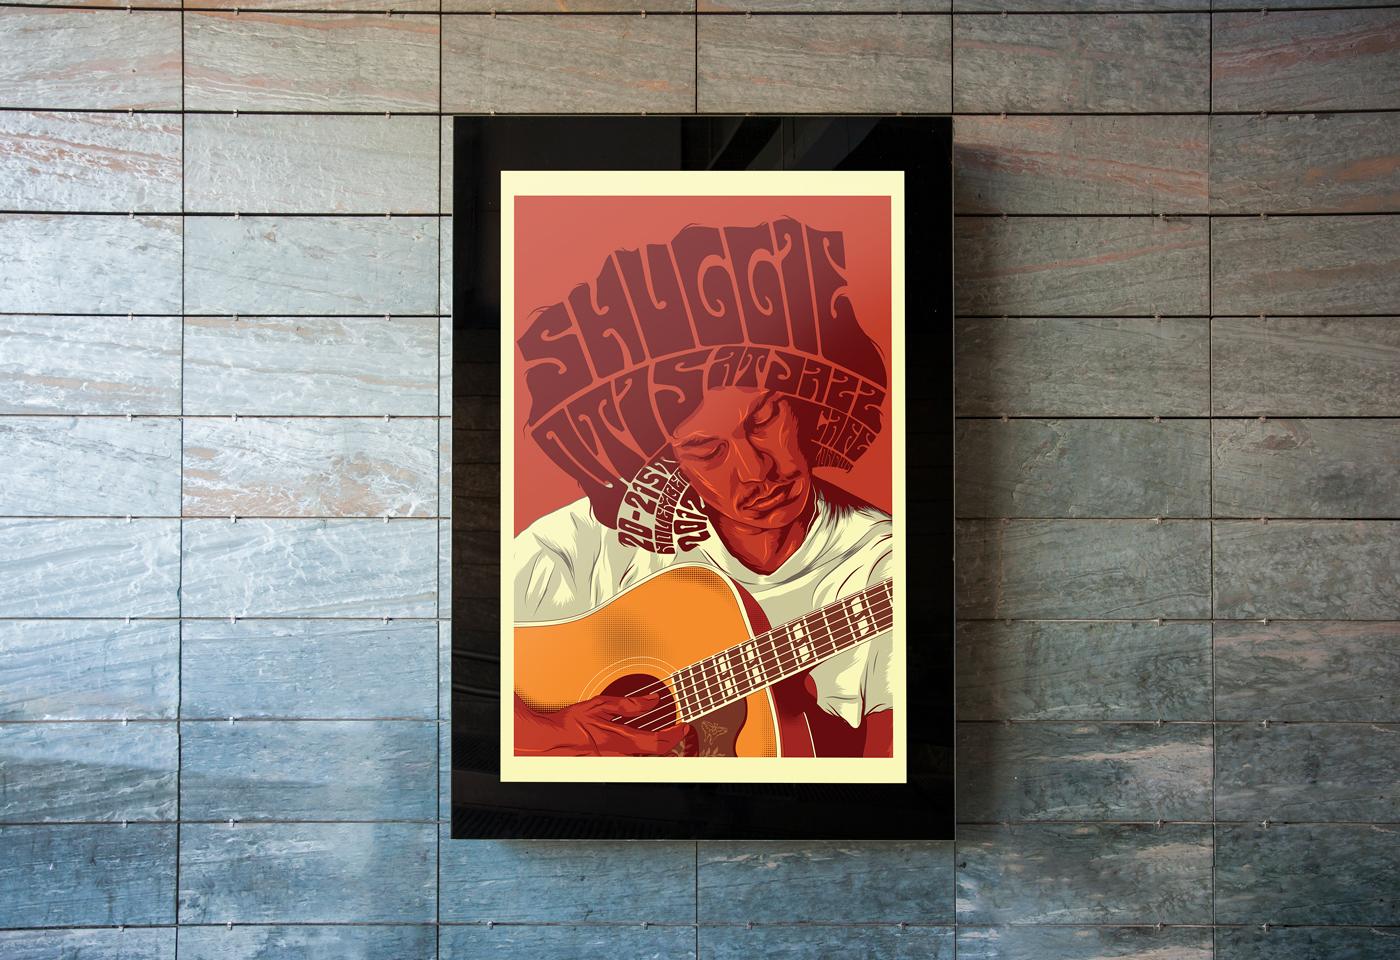 shuggie-otis-jazz-cafe-poster-greg-bunbury